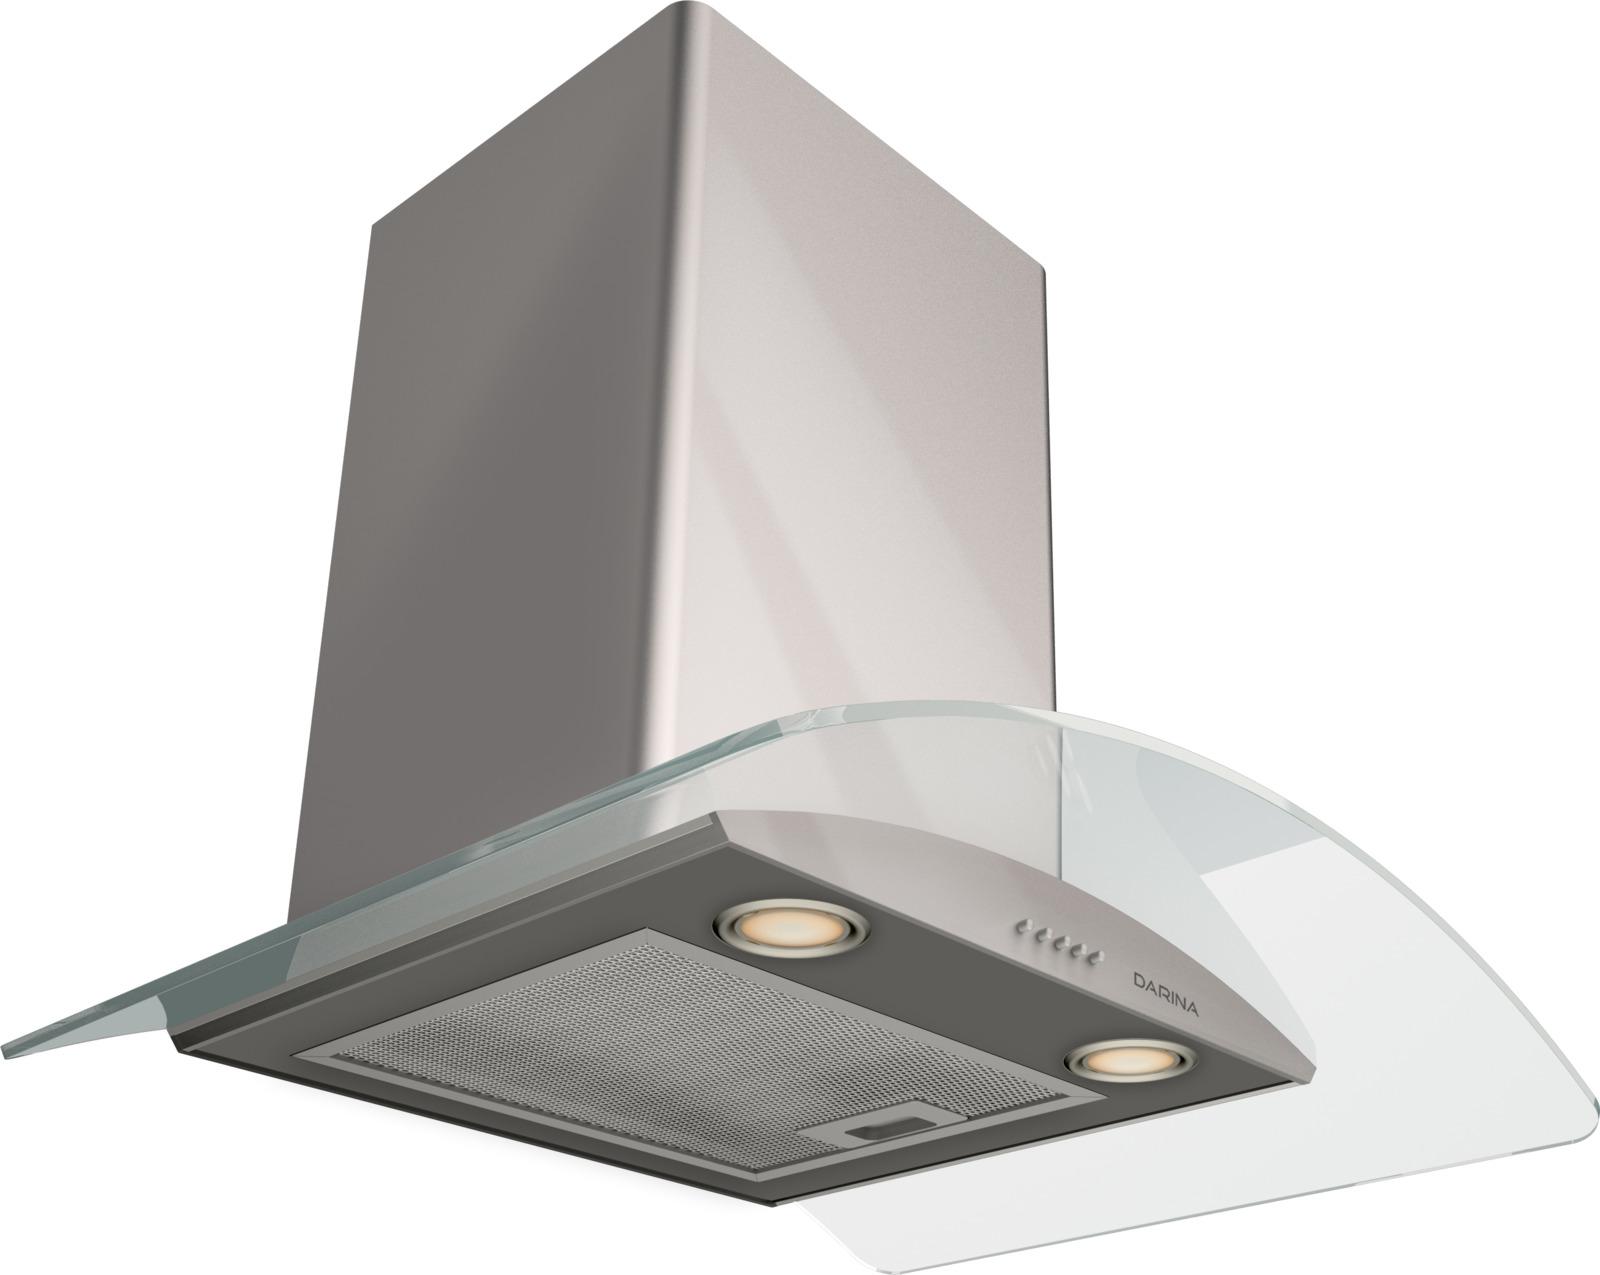 Встраиваемая вытяжка Darina Roof 504X, нержавеющая сталь недорго, оригинальная цена